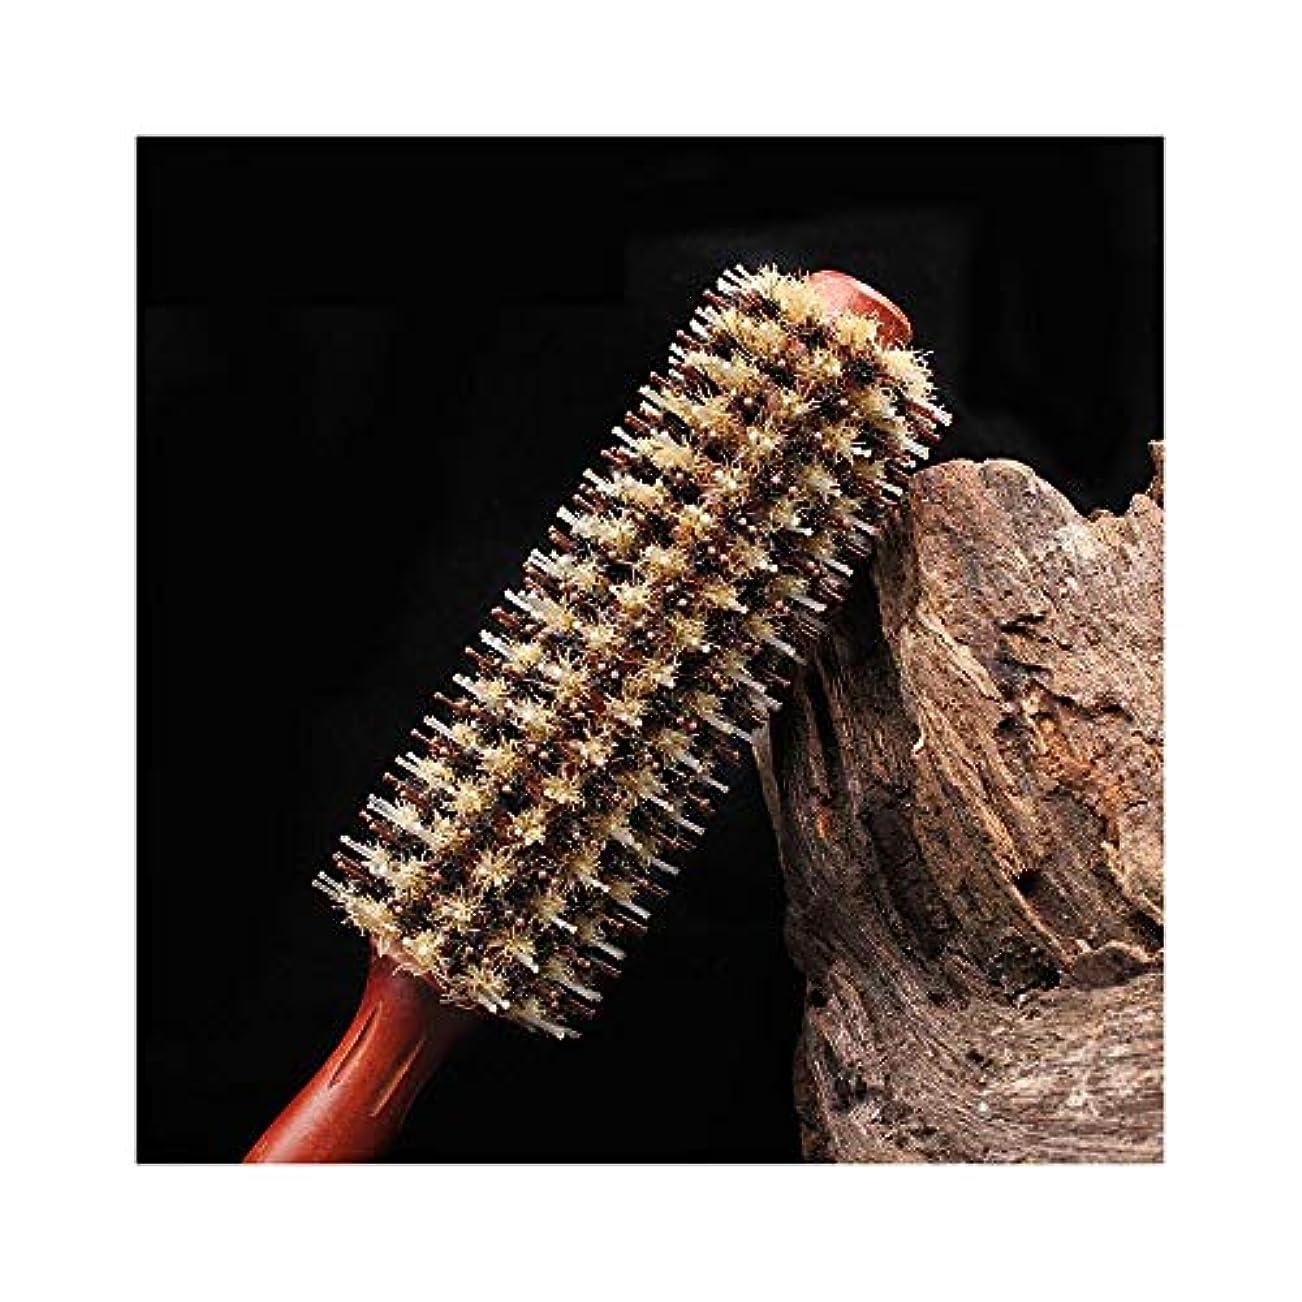 旅行者幻影他の日すべての髪のウッドナチュラルイノシシ剛毛ヘアコームについてはFashian木製ラウンドヘアブラシ ヘアケア (サイズ : 20 rows)